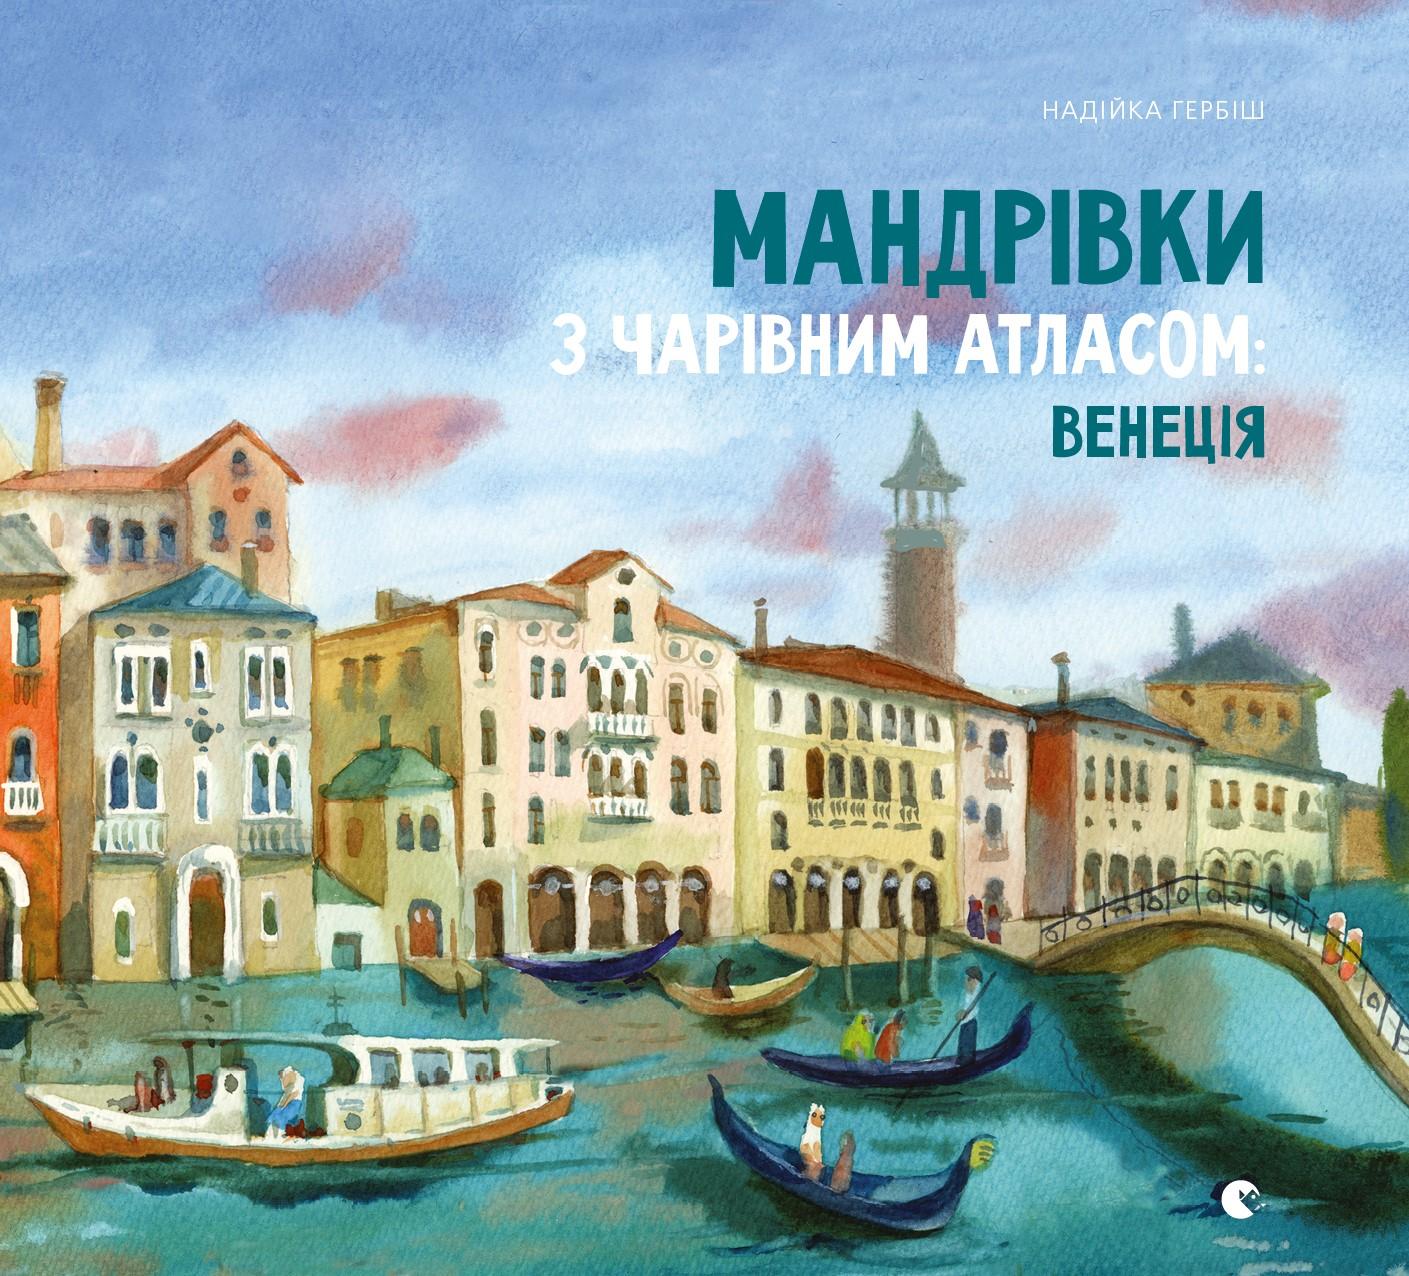 Надійка Гербіш Мандрівки з чарівним атласом: Венеція